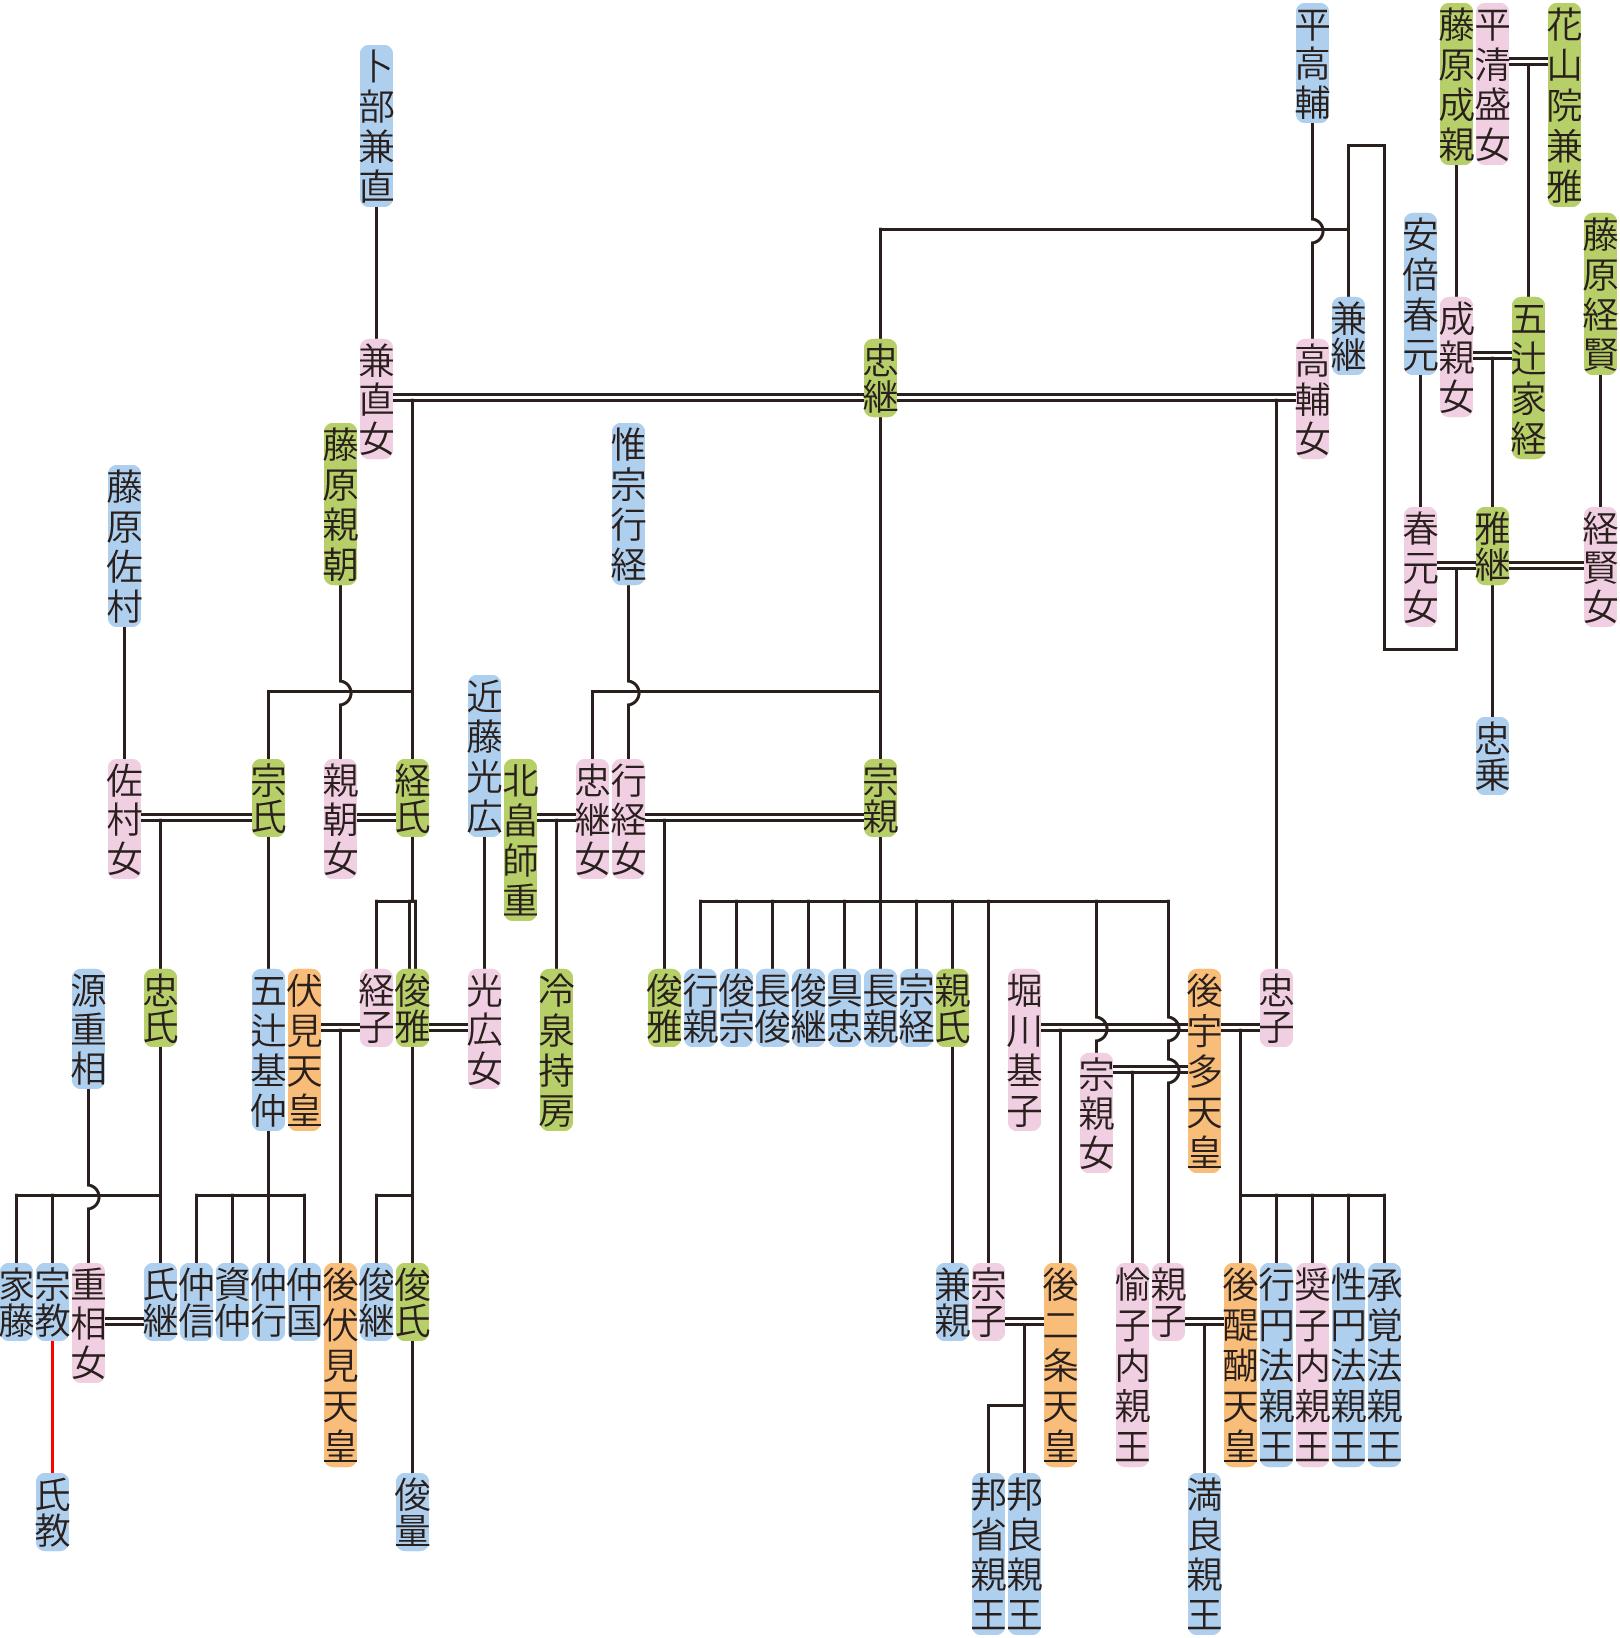 五辻雅継の系図